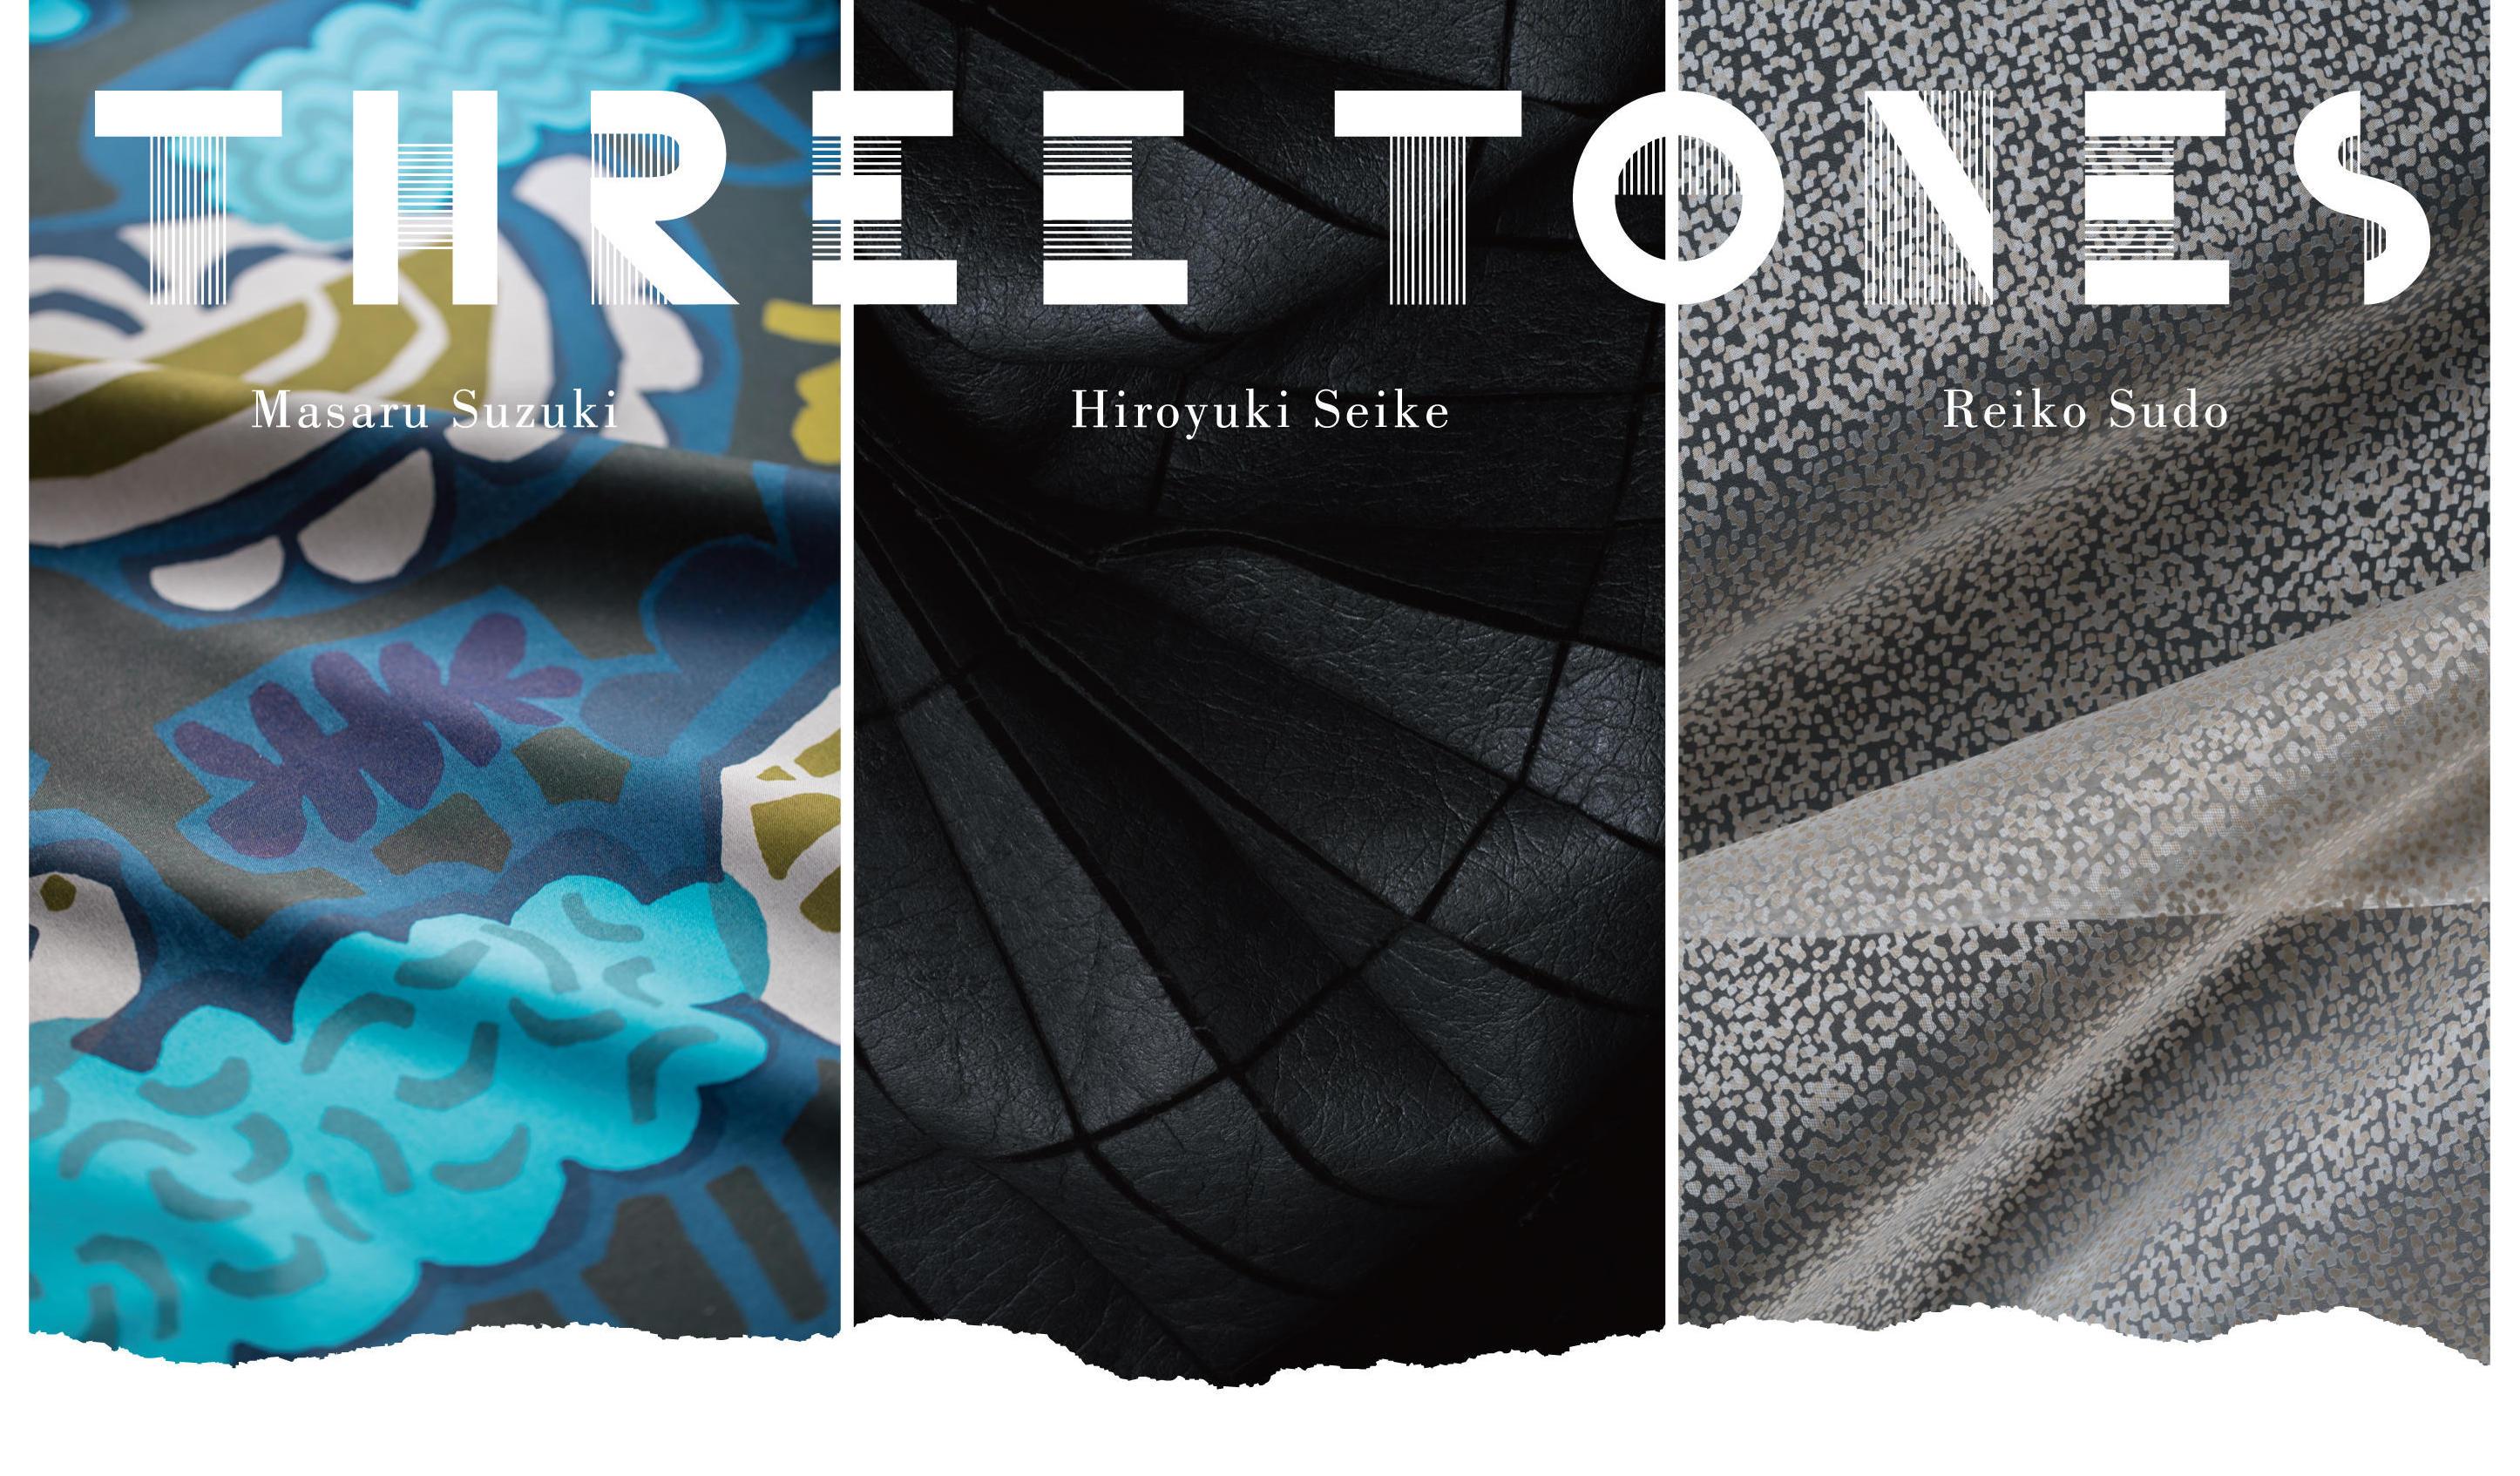 東京造形大学が、日本を代表する3名のテキスタイルデザイナー 鈴木マサル・清家弘幸・須藤玲子による展示を開催 ~ Three Tones「スリー・トーンズ」 -- 3人のデザイナーがつくるテキスタイル空間 --